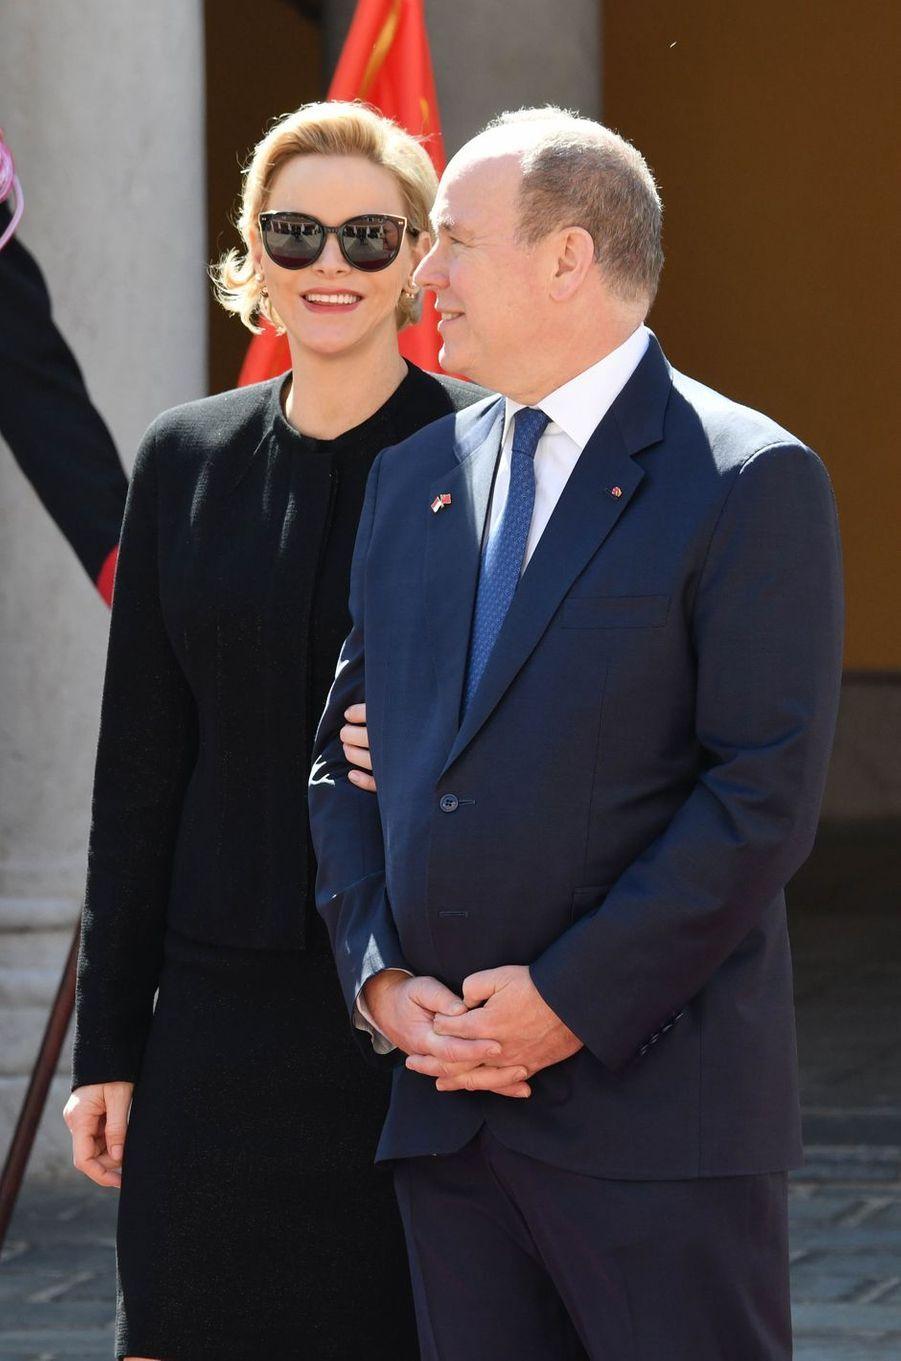 La princesse Charlène de Monaco et le prince Albert II de Monaco à Monaco, le 24 mars 2019